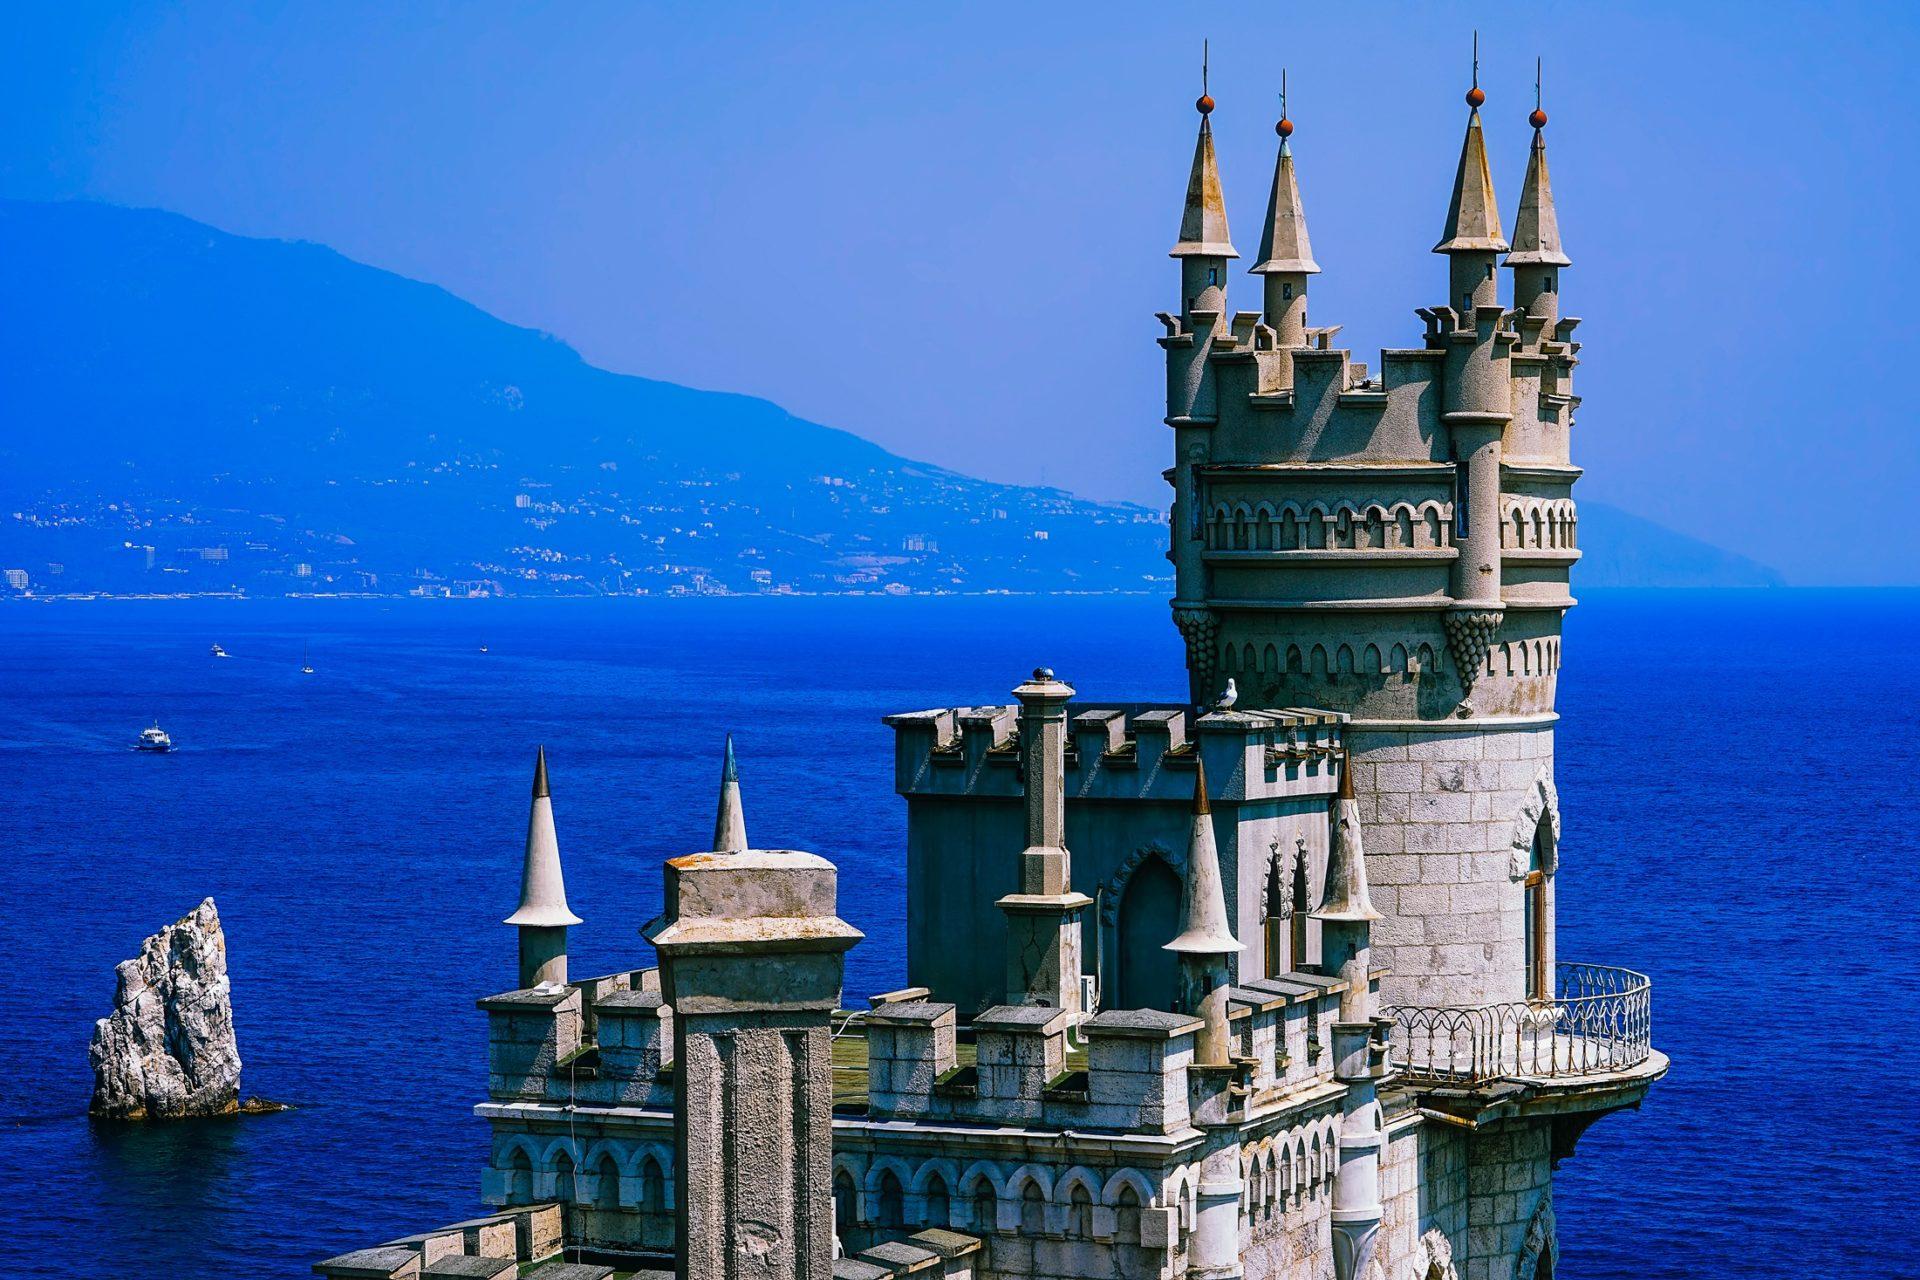 Wassertemperatur Schwarzes Meer: Schloss Schwalbennest auf der Halbinsel Krim bei Jalta